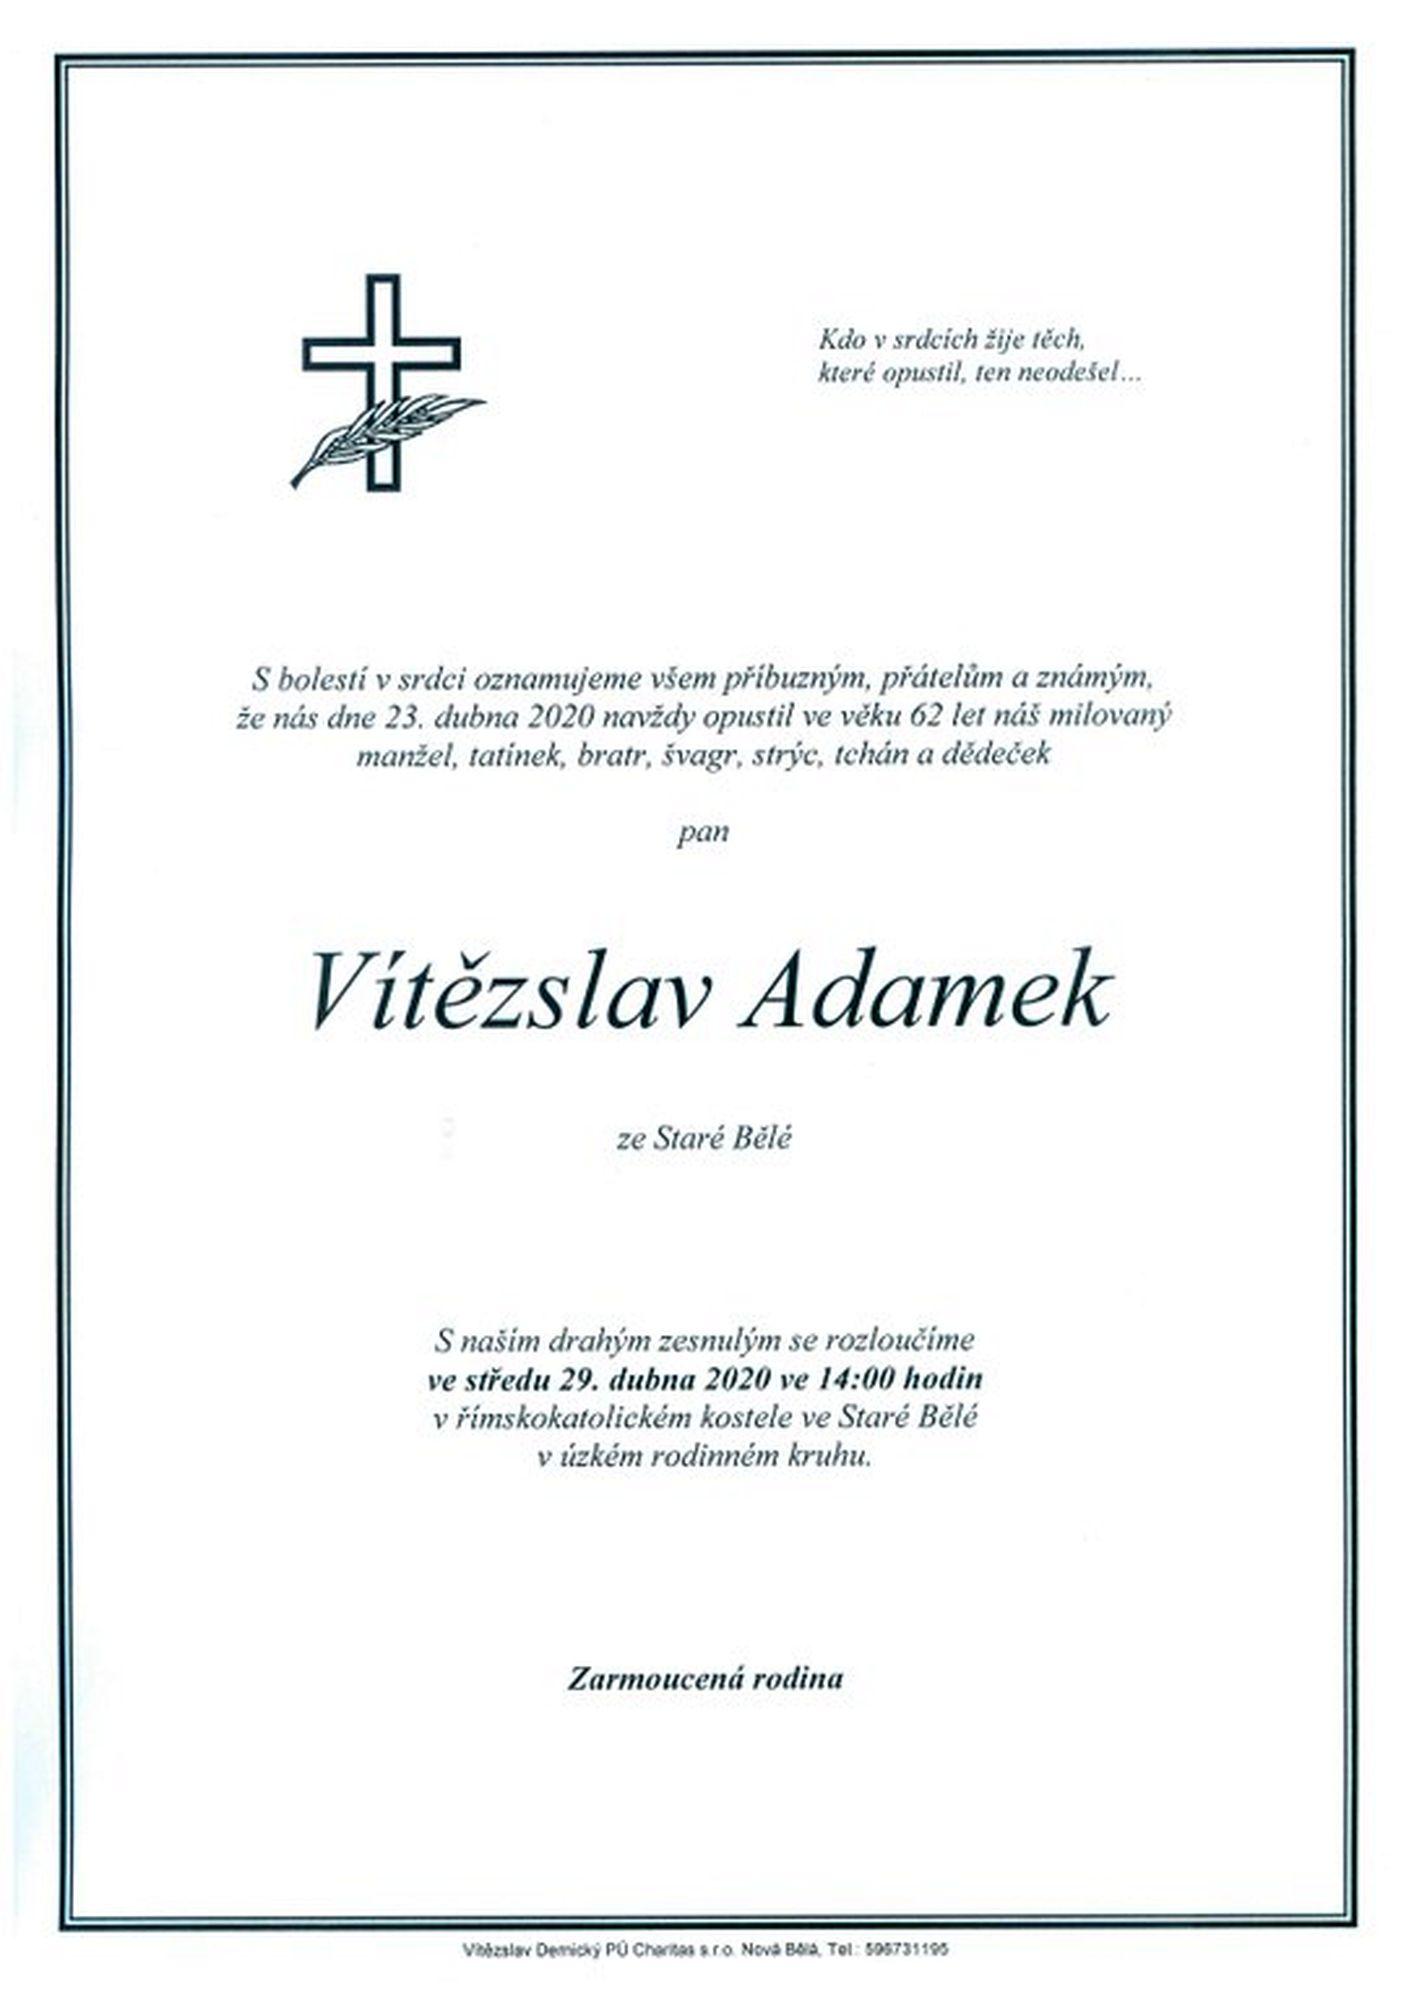 Vítězslav Adamek